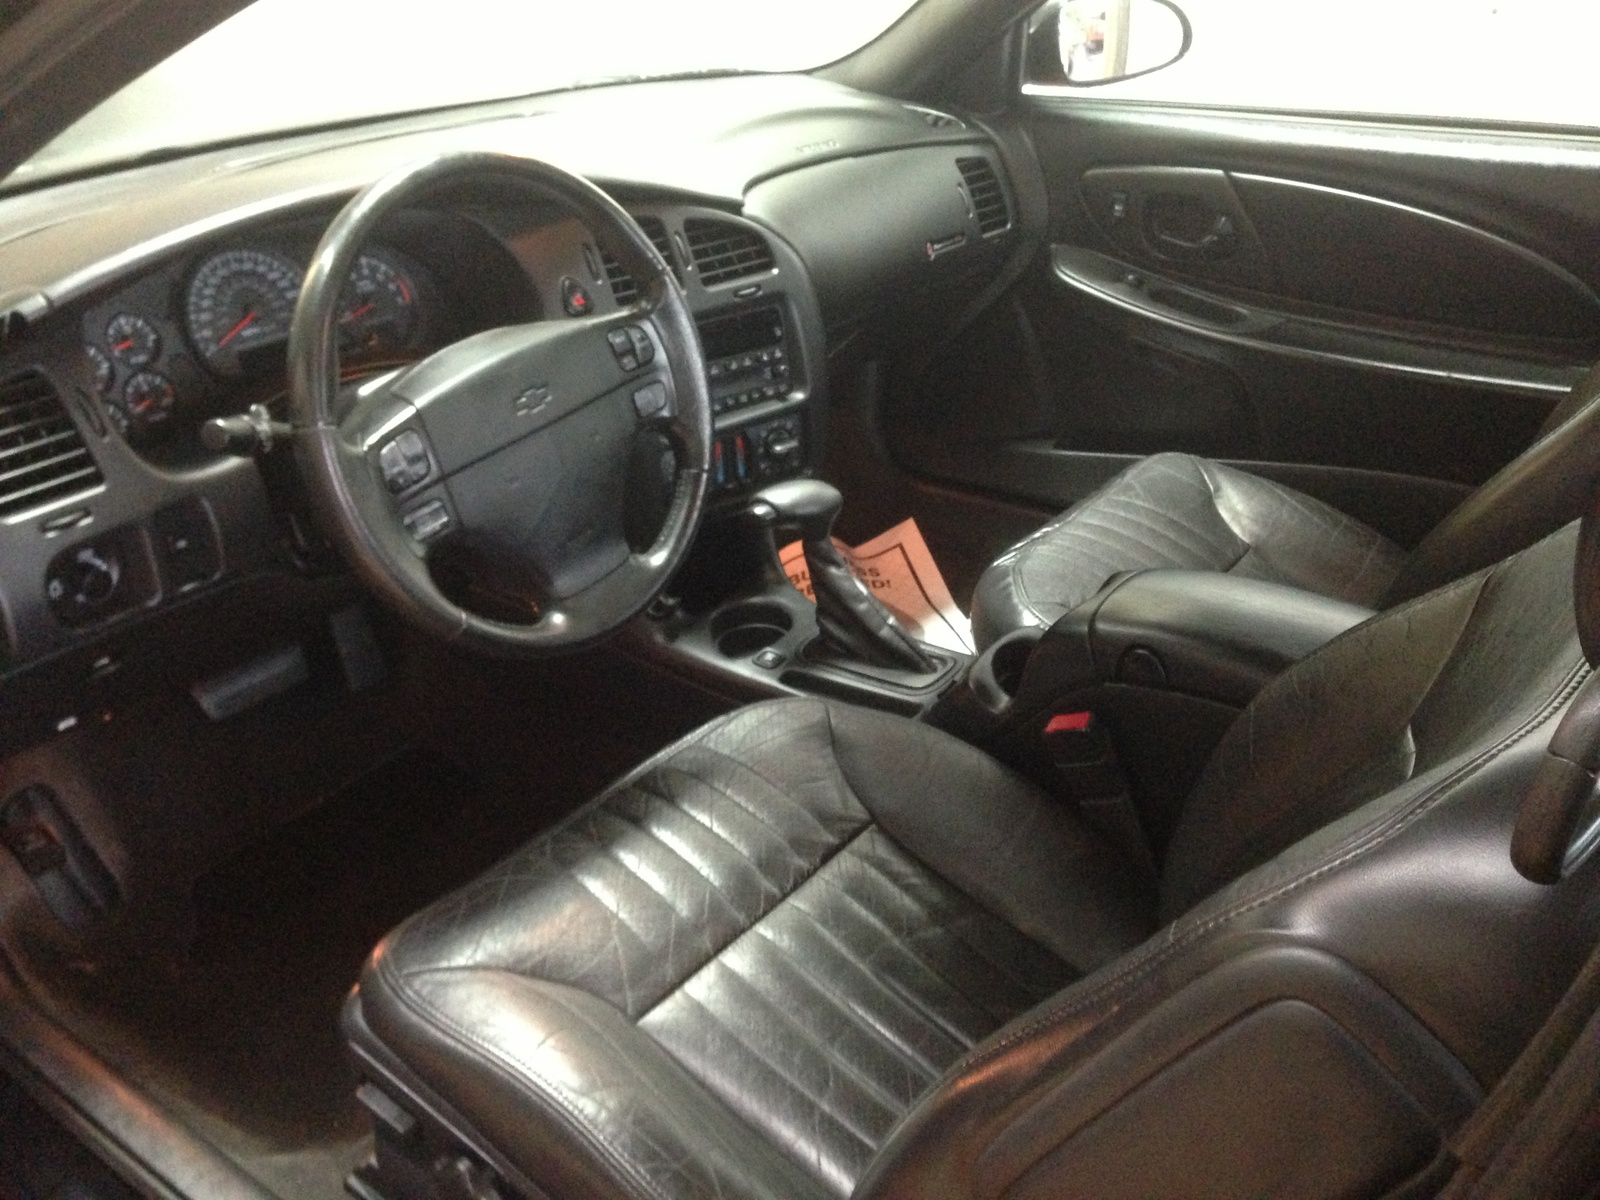 2004 Chevrolet Monte Carlo Pictures Cargurus